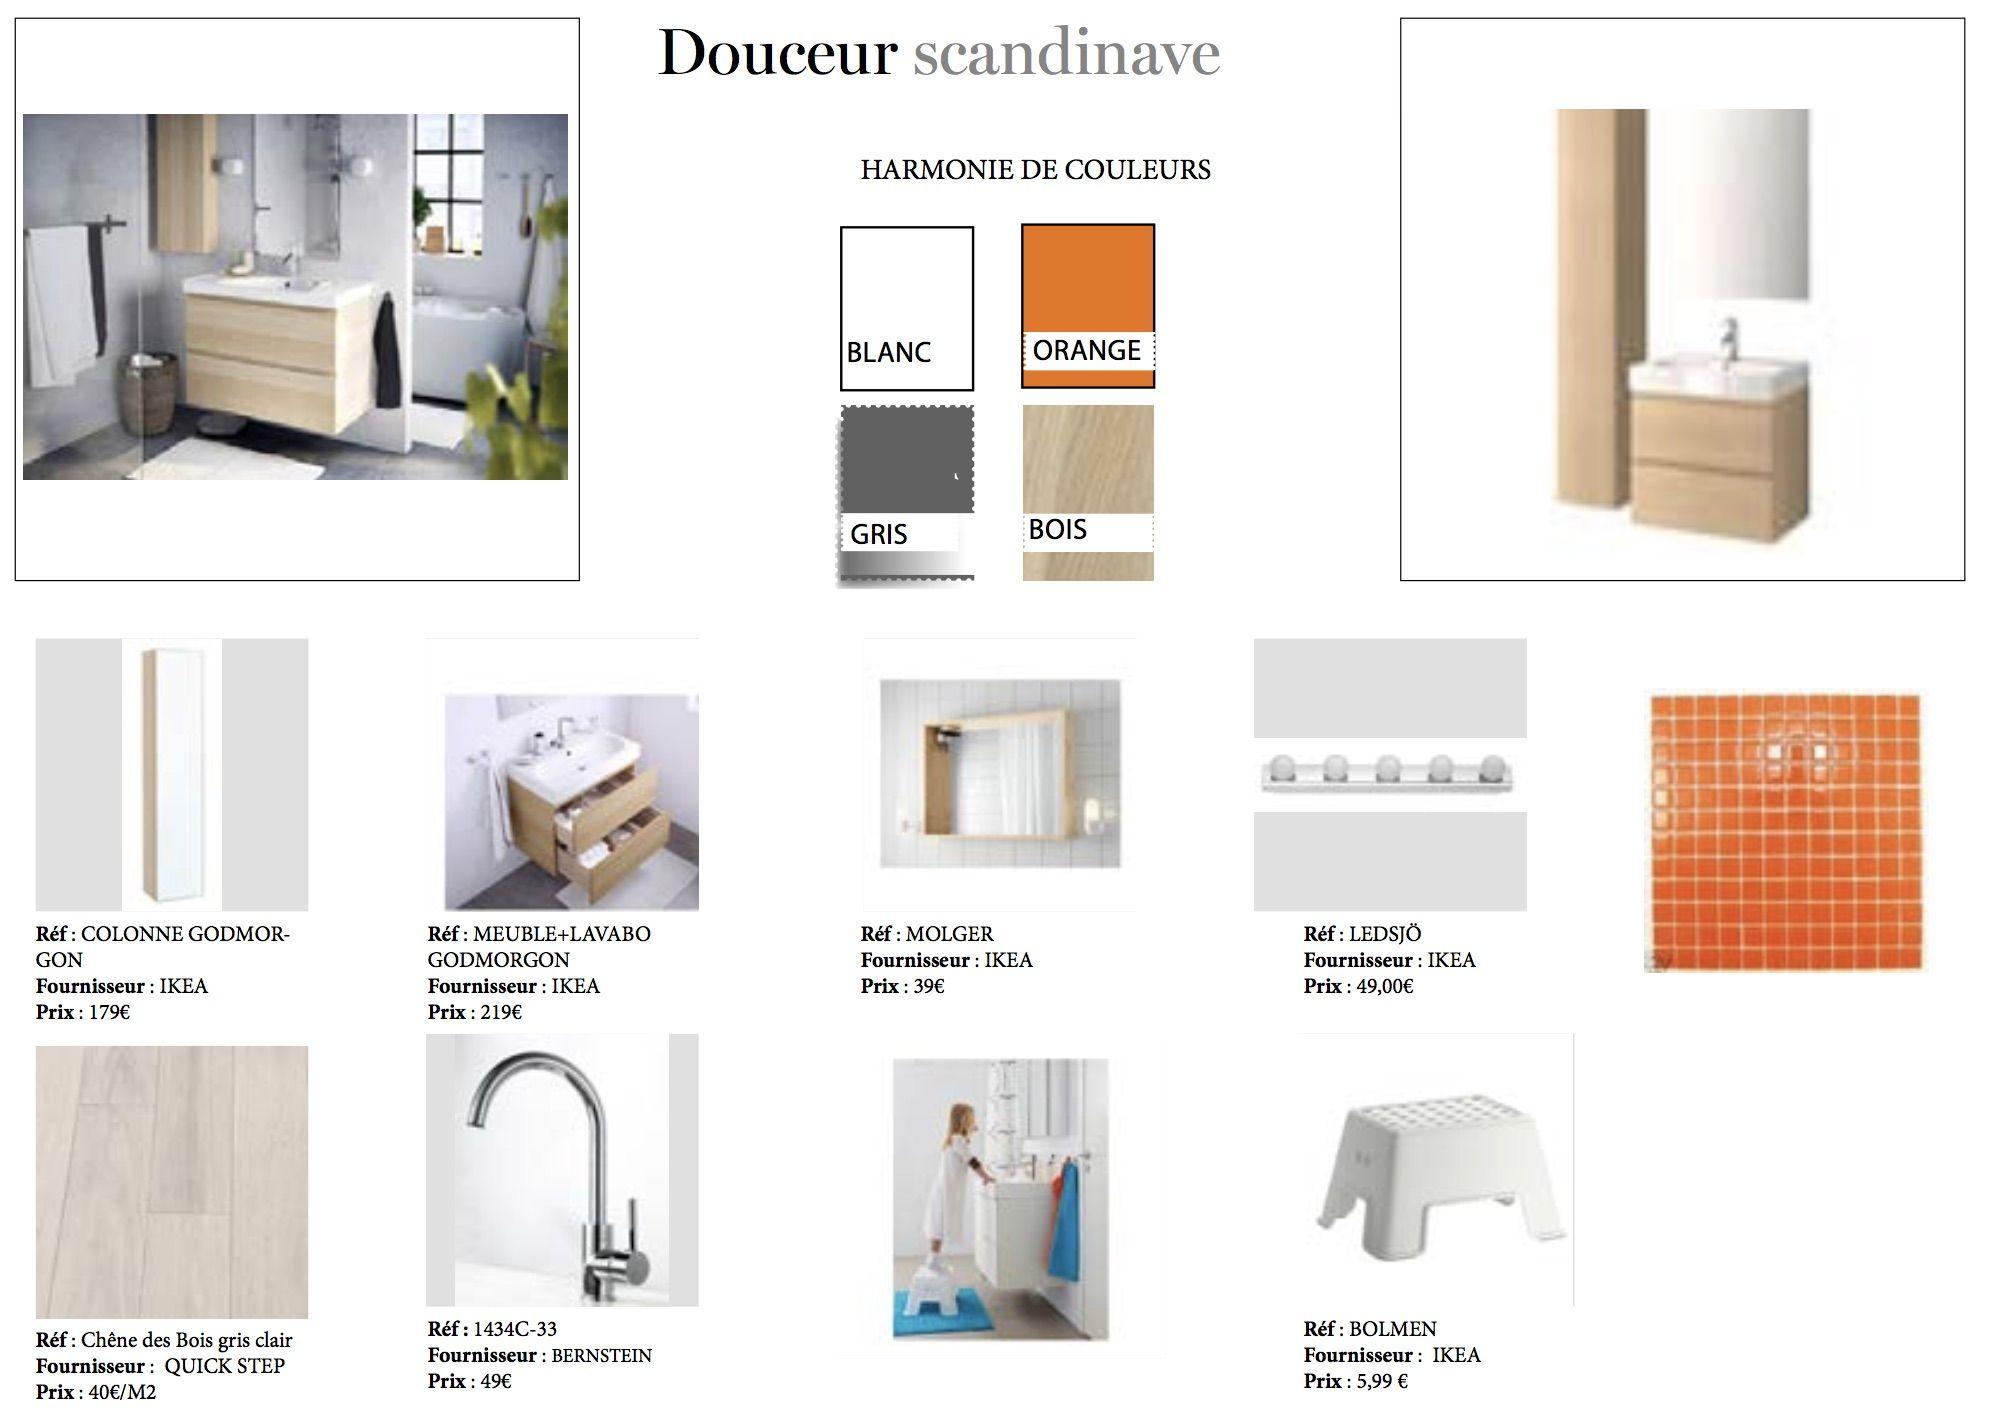 Bernstein Salle De Bain planche d'ambiance rénovation salle de bain bois clair, gris